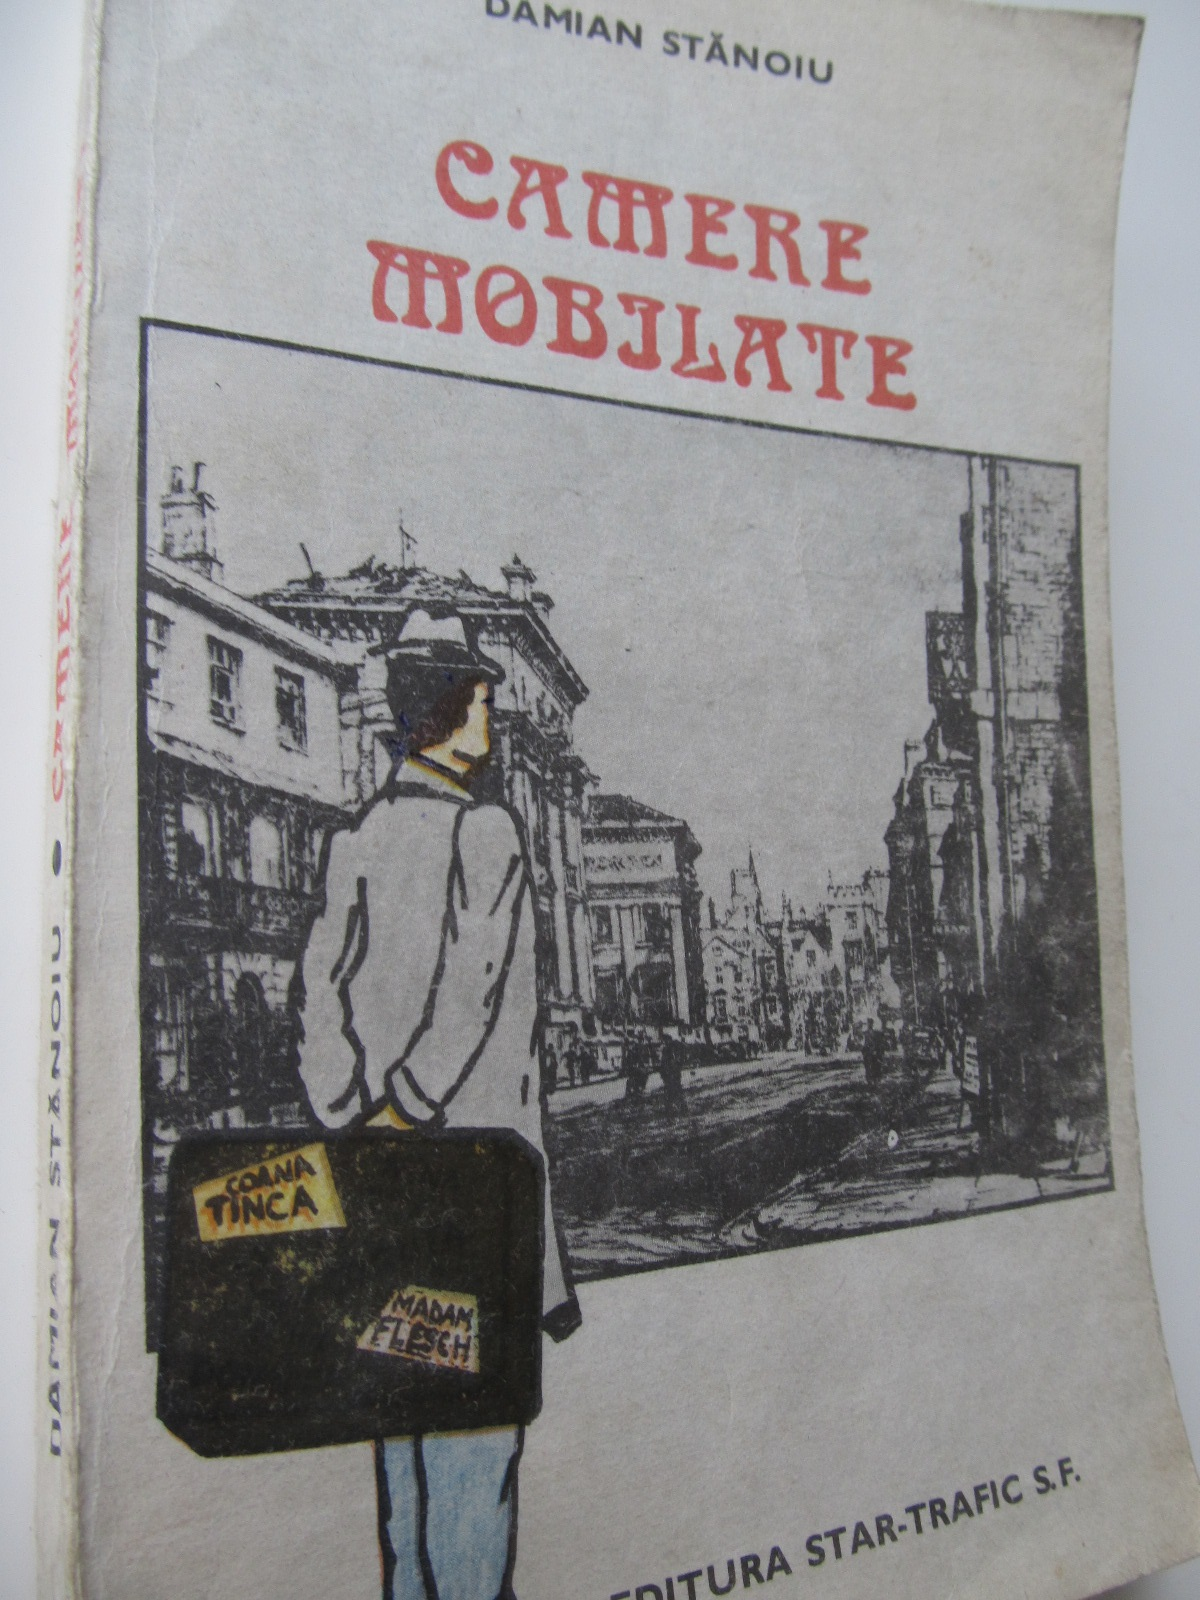 Camere mobilate - Damian Stanoiu | Detalii carte